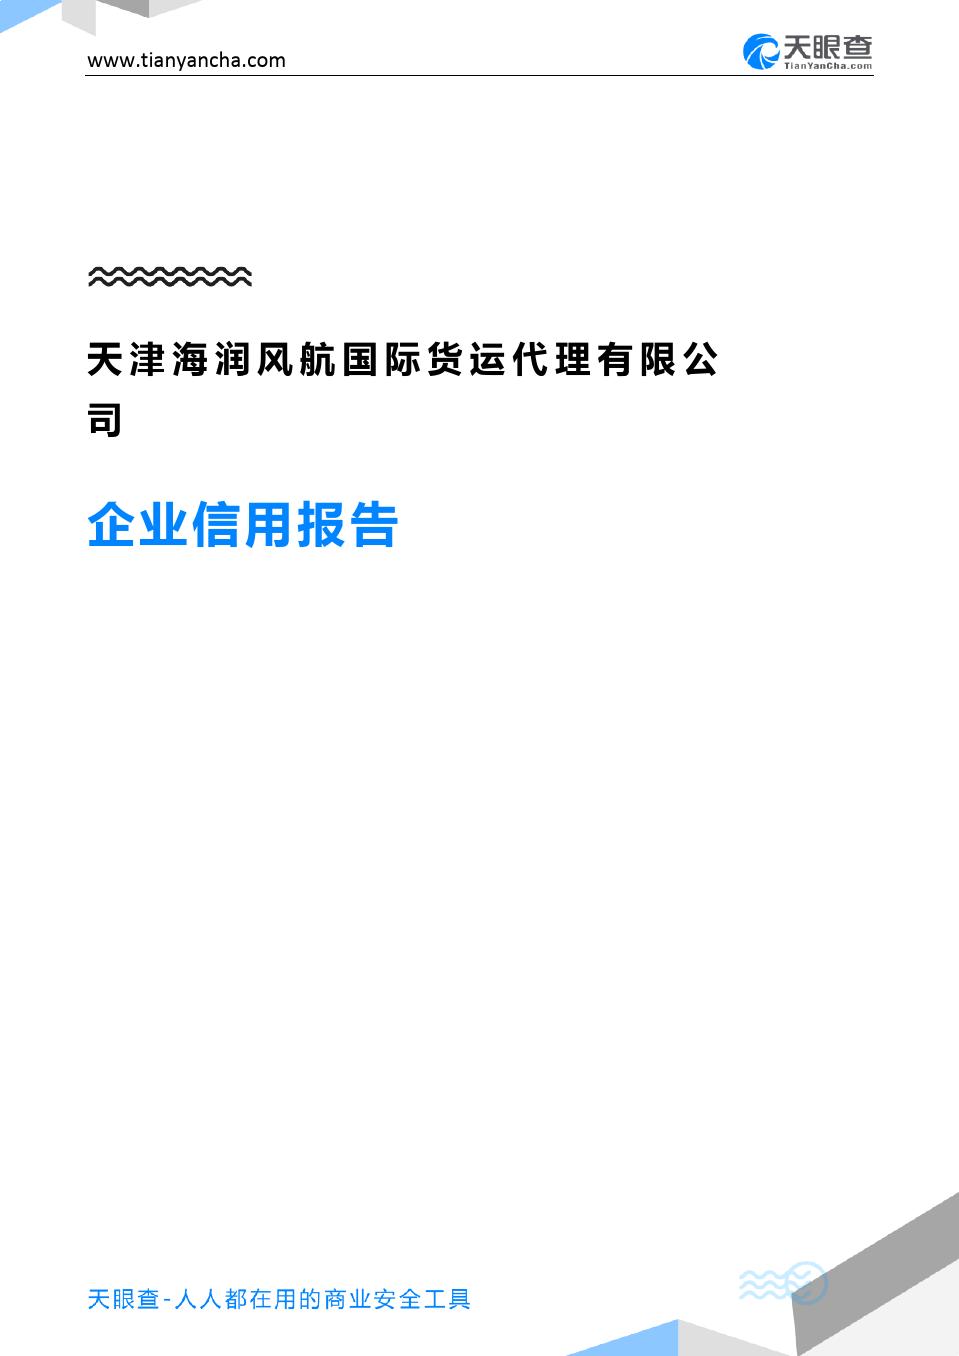 天津海润风航国际货运代理有限公司企业信用报告-天眼查